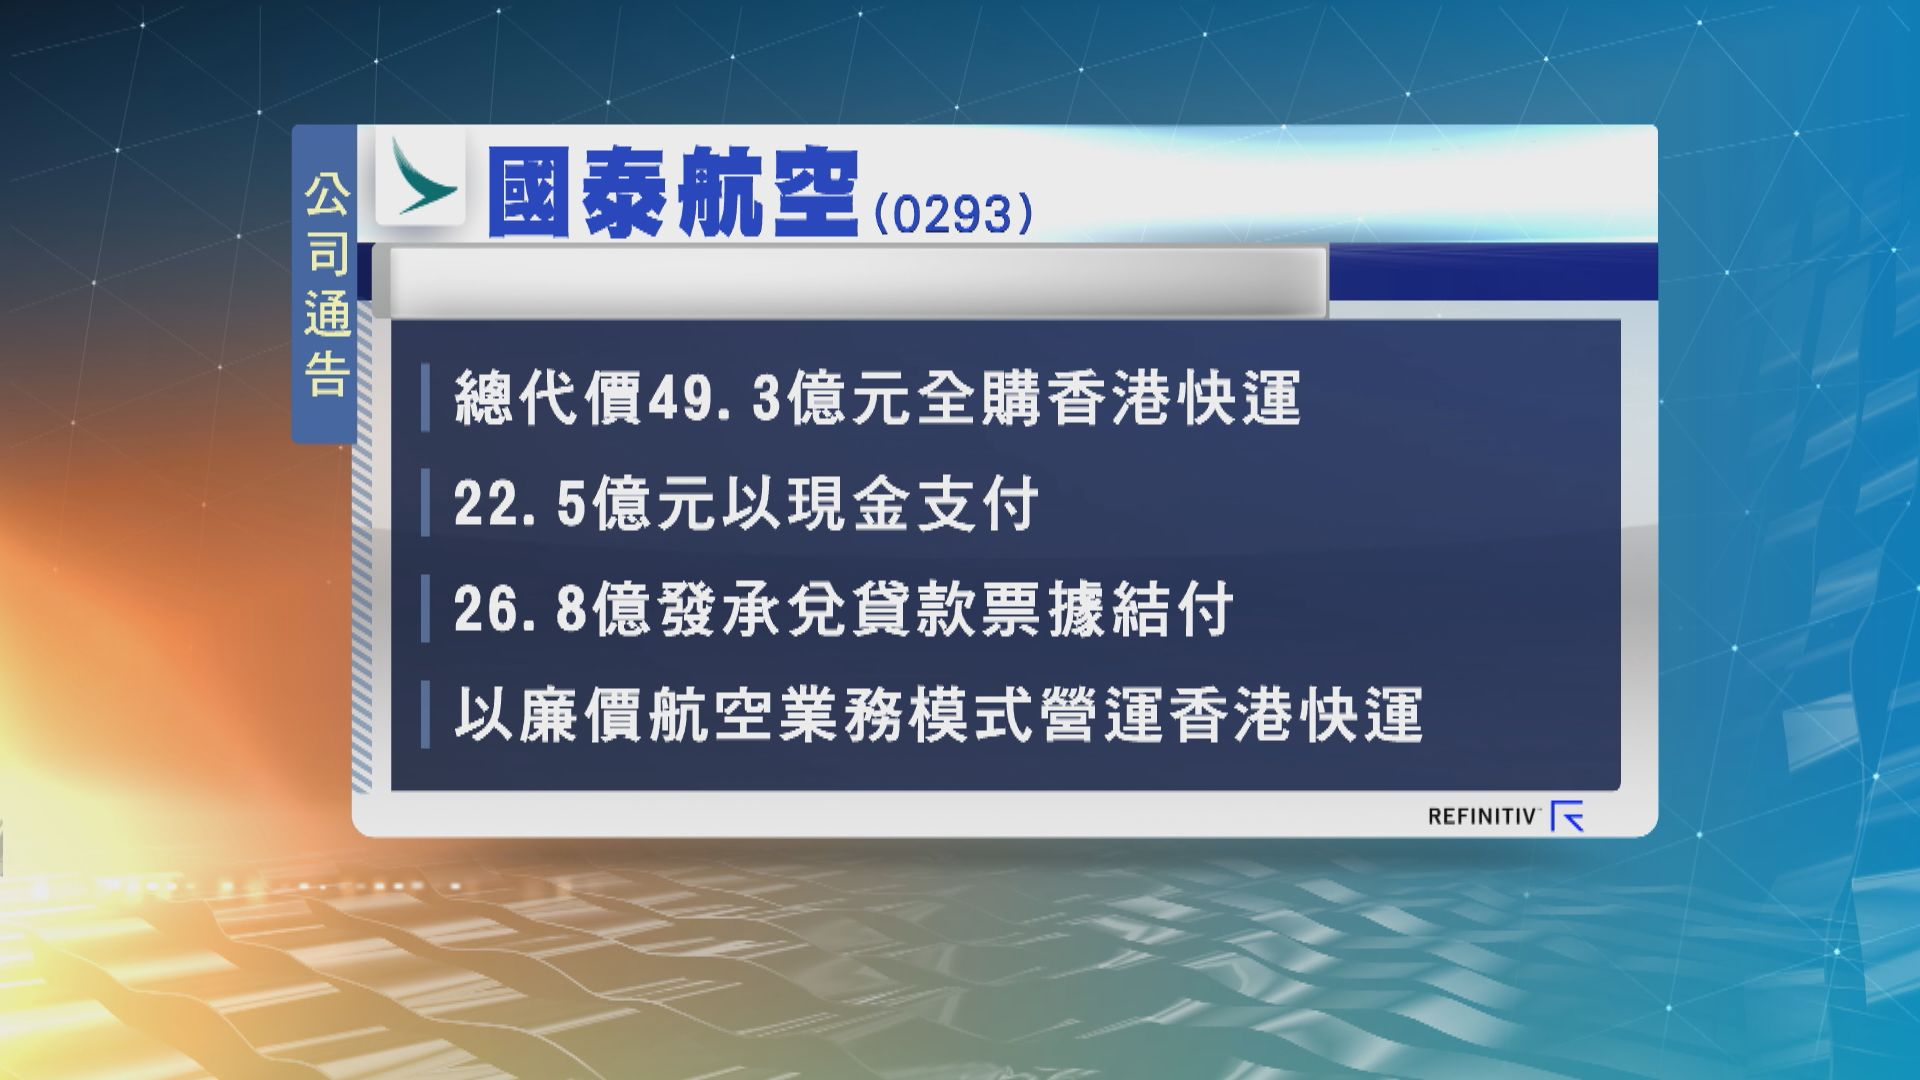 國泰航空49.3億元全購香港快運